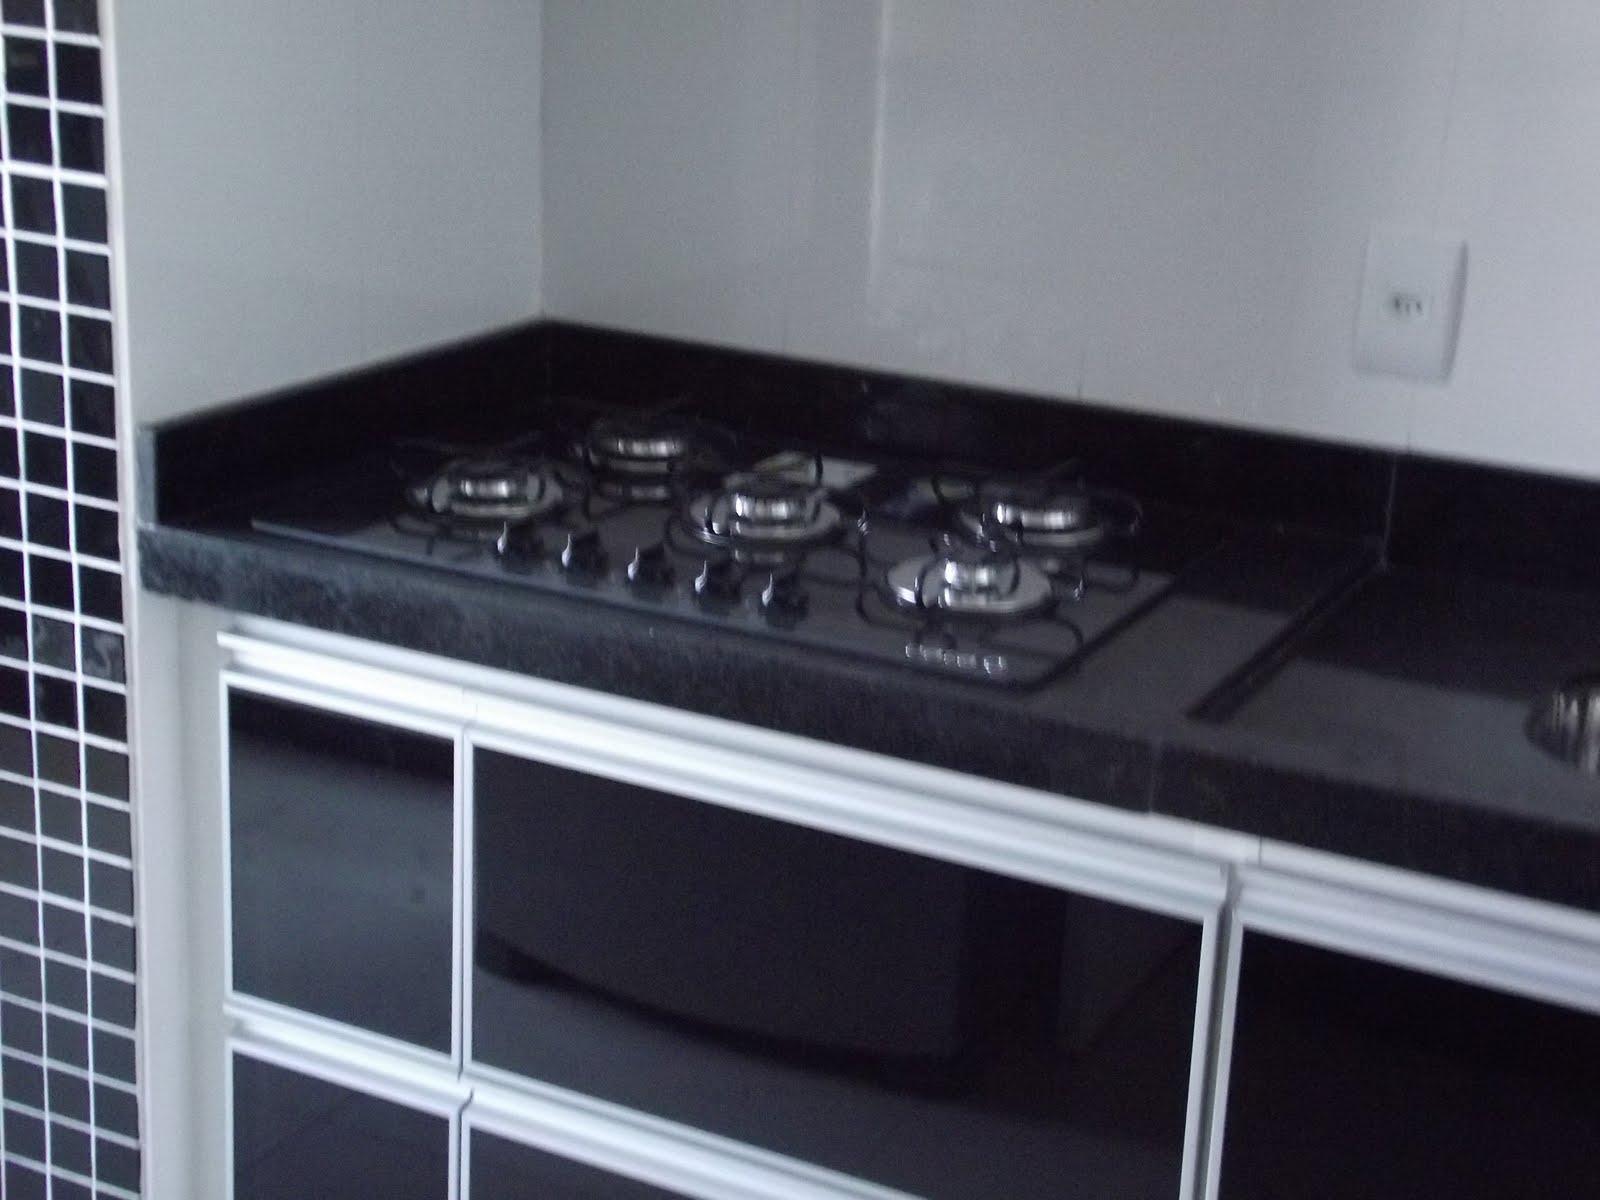 1920 · 1080 bancada de fogão cooktop em granito preto são gabriel #50617B 1600x1200